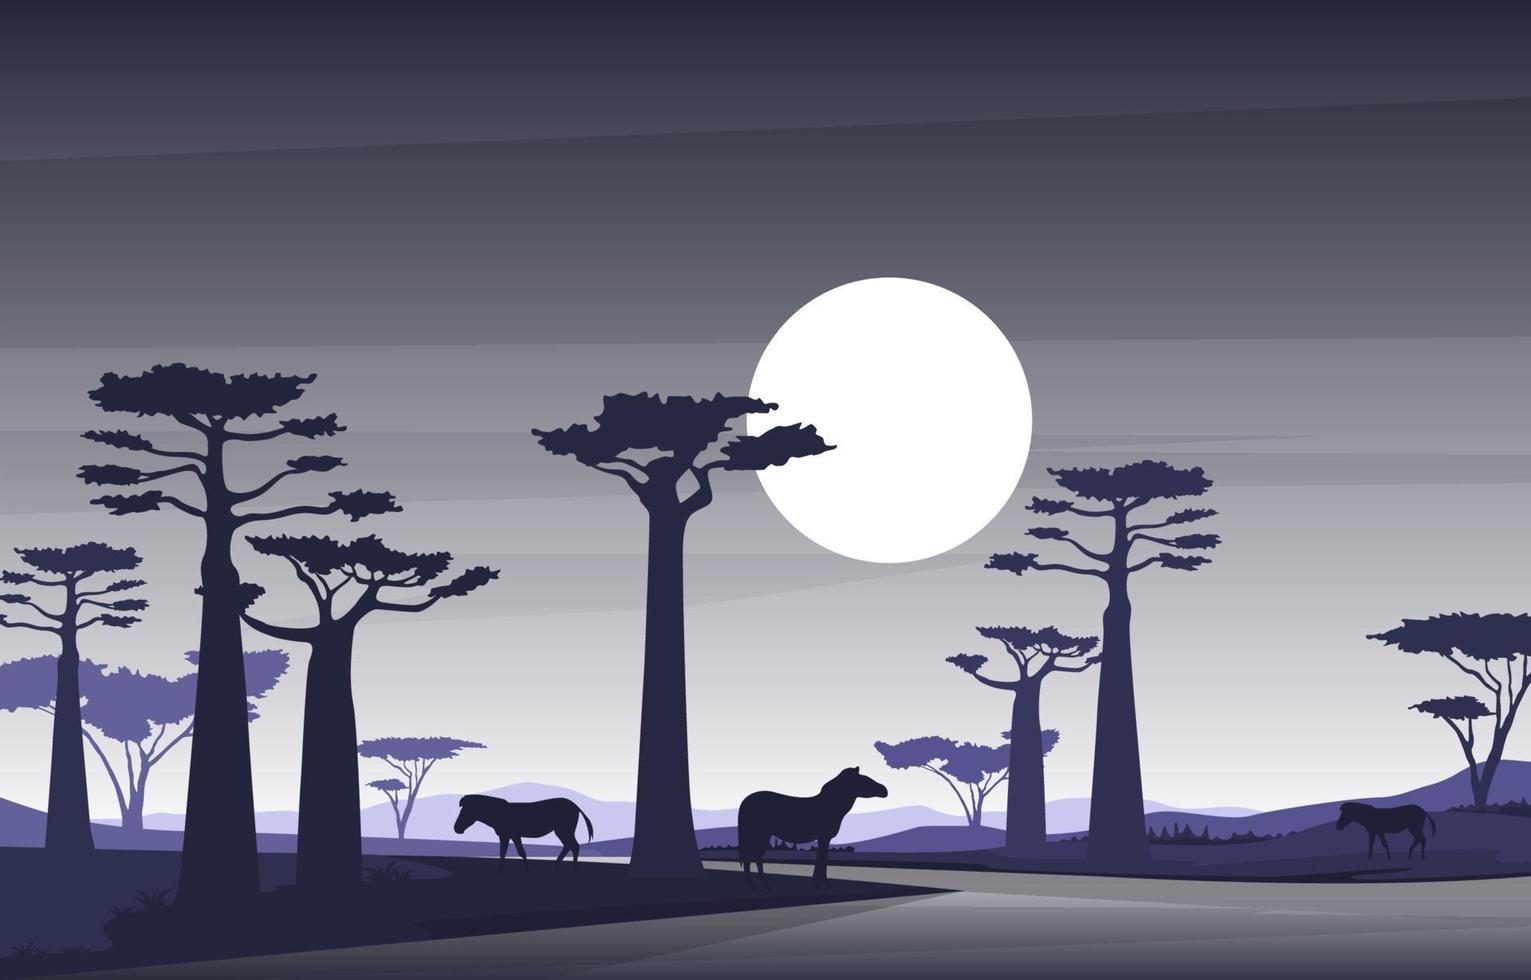 cebras en la sabana africana con árboles baobab ilustración vector